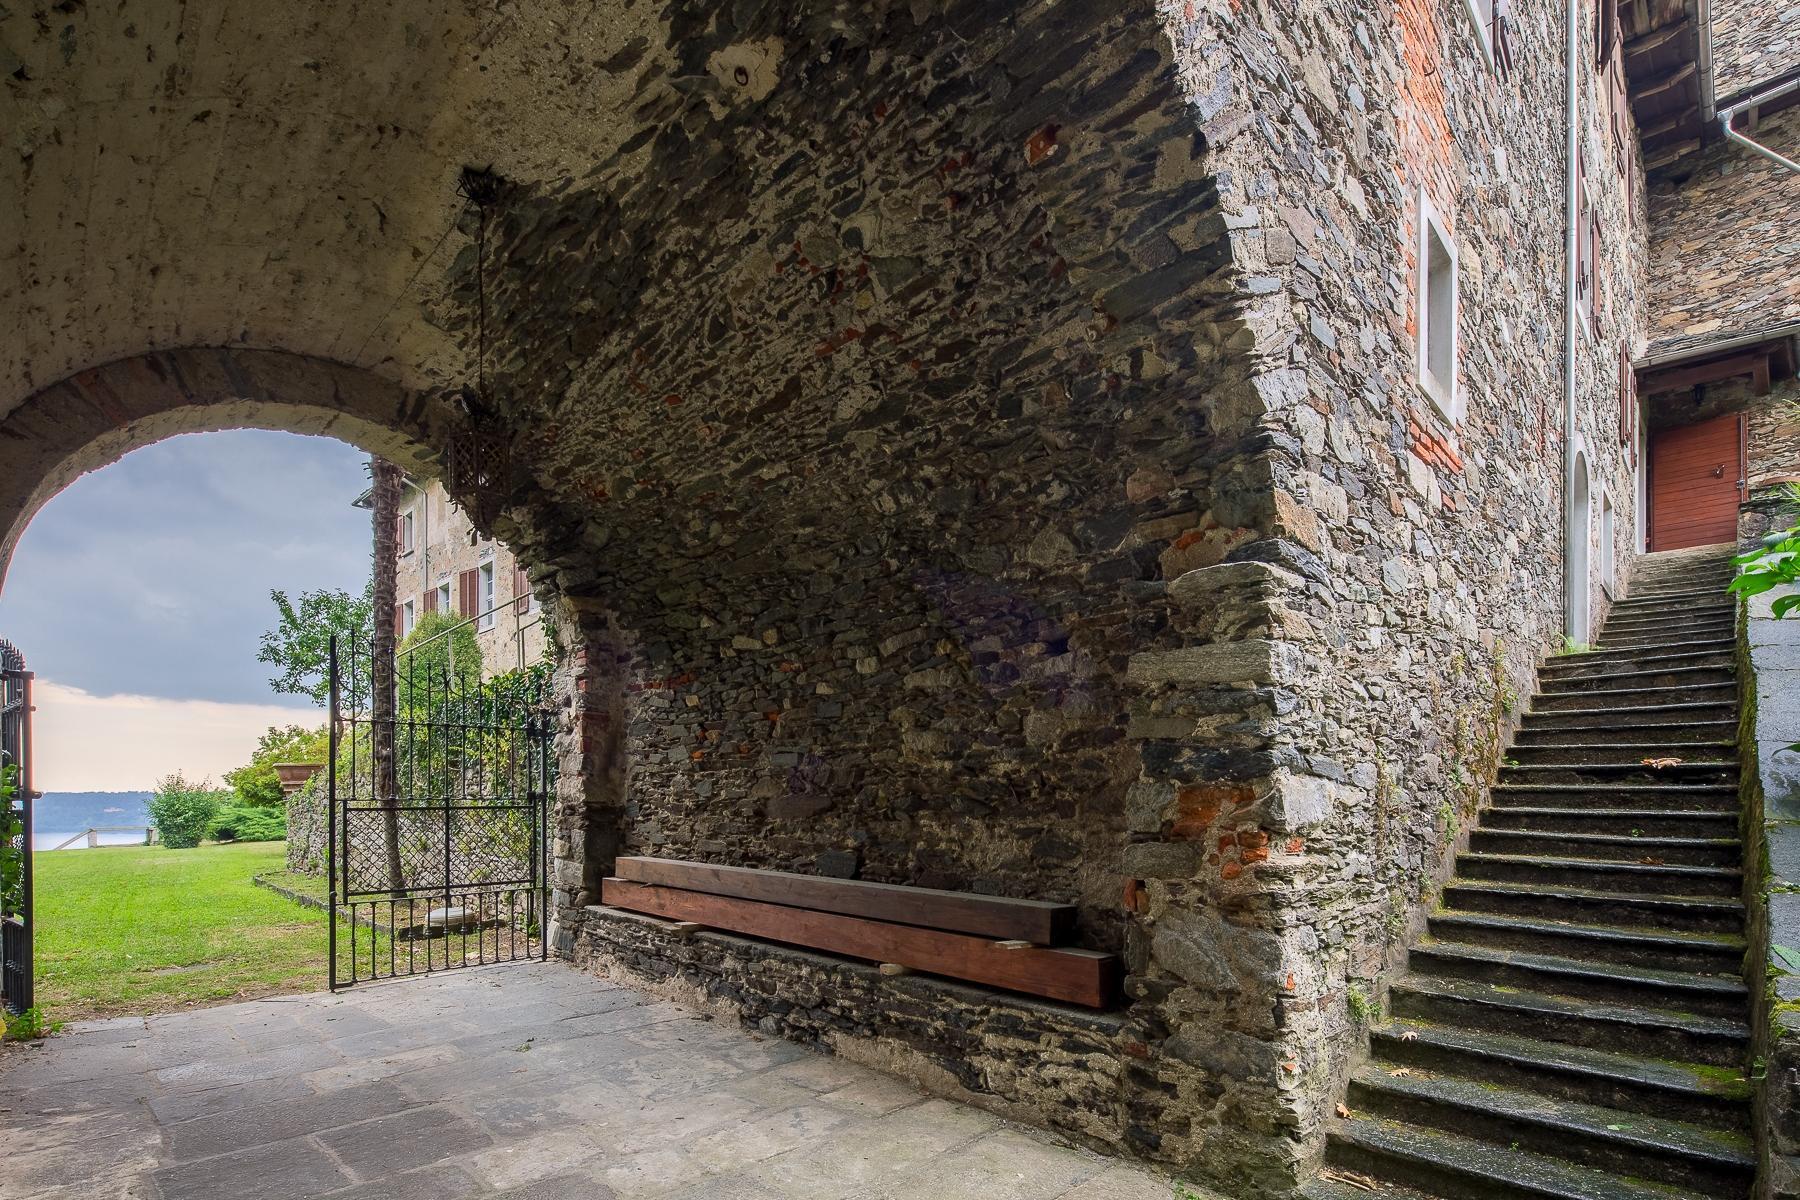 Бывший монастырь и вилла 19 века на Сакро-Монте - Орта Сан Джулио - 12